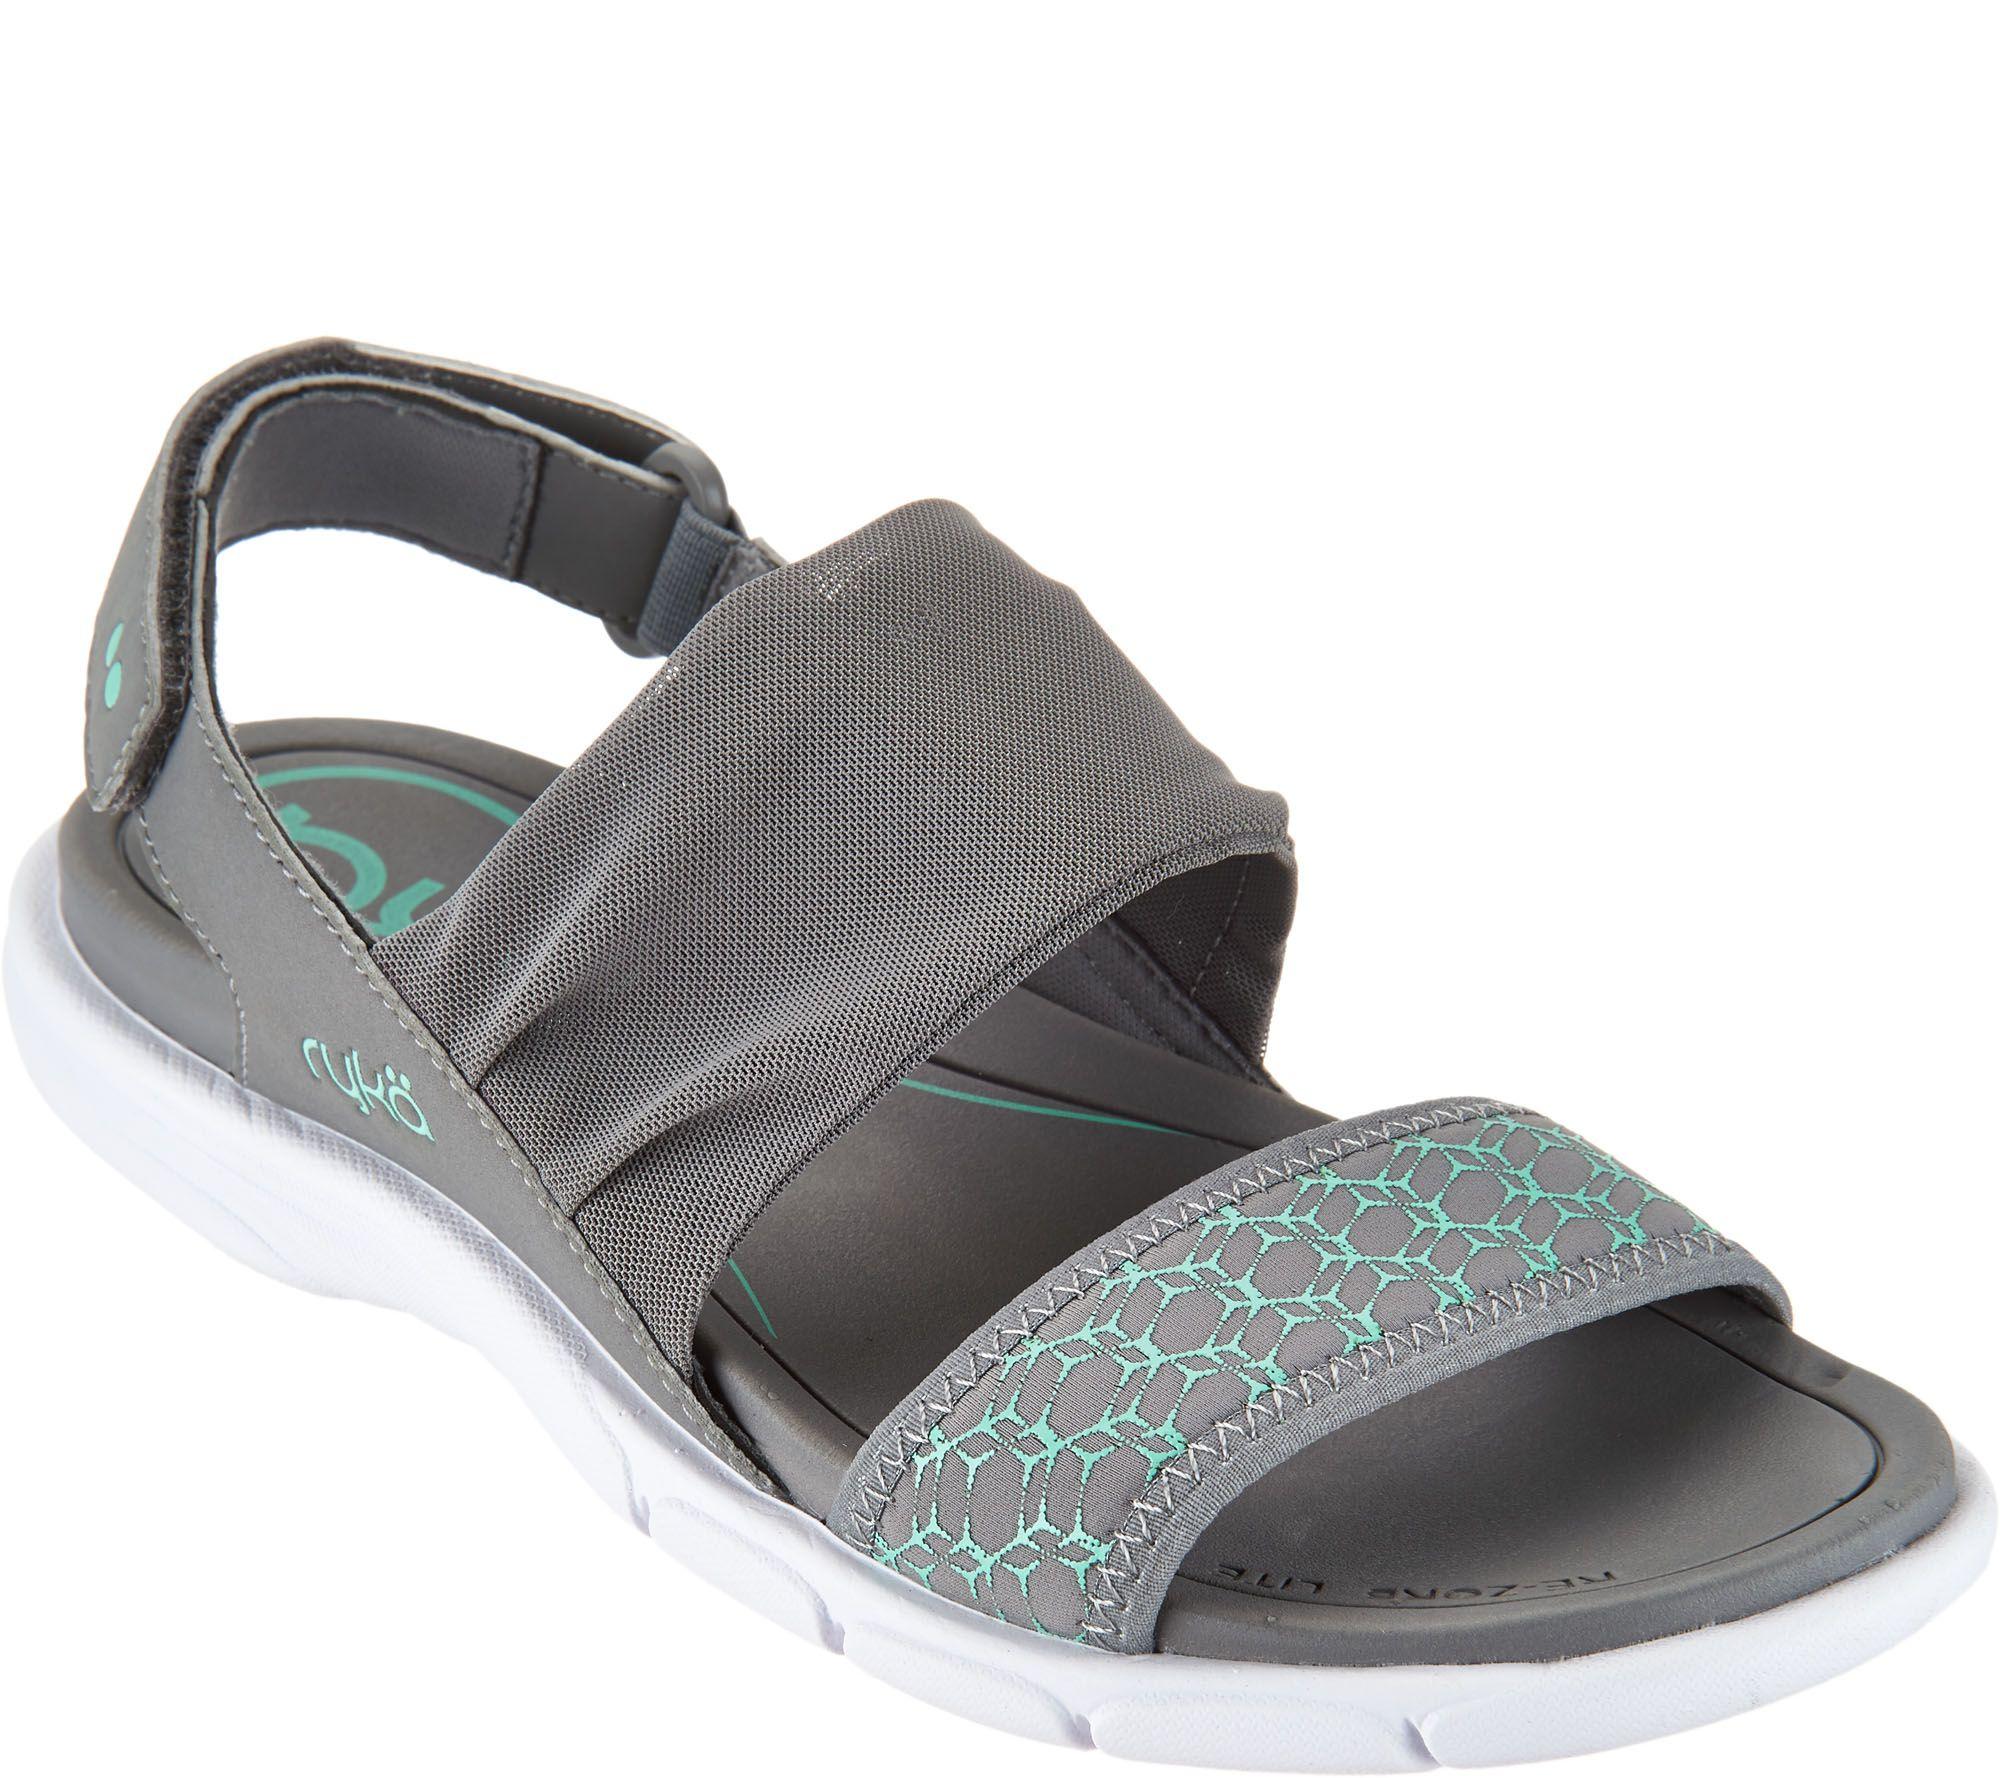 Ryka sandals shoes - Ryka Adjustable Sling Back Sport Sandals Rodanthe A288610